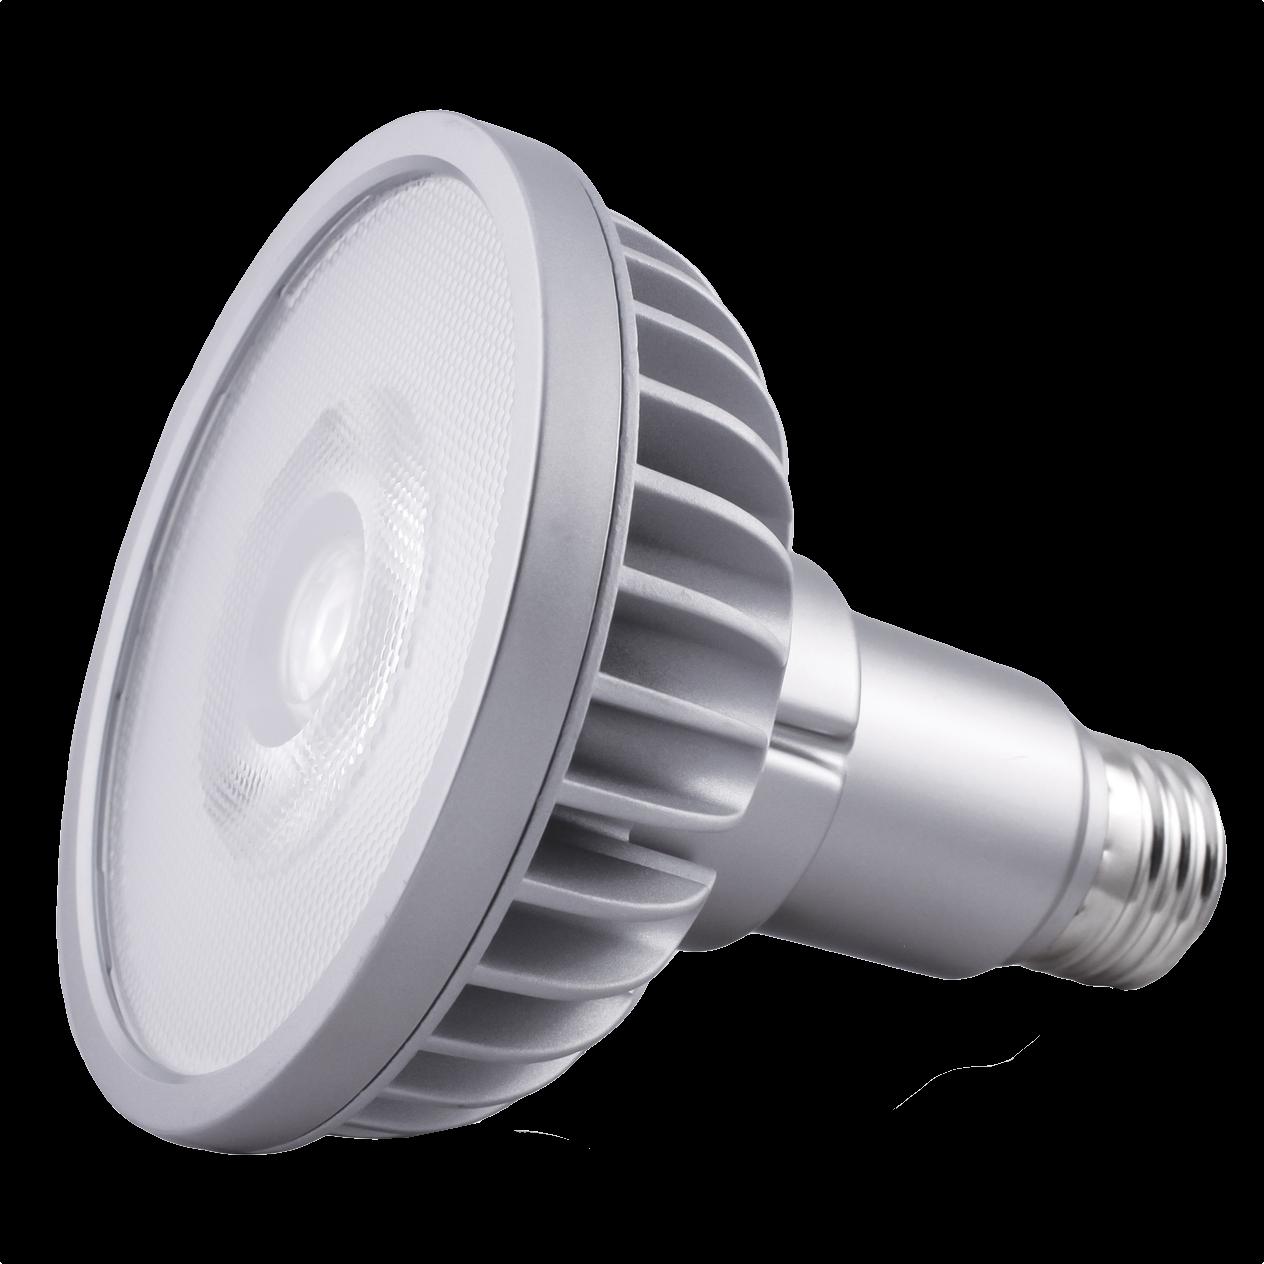 Soraa+Vivid+3+Vollspektrum+LED+Spot+-+PAR30+Long+Neck+-+18,5W+-+Wie+Sonnenlicht:+Farbgüte+>+95+CRI+!+-+quecksilberfrei+ +energiesparend